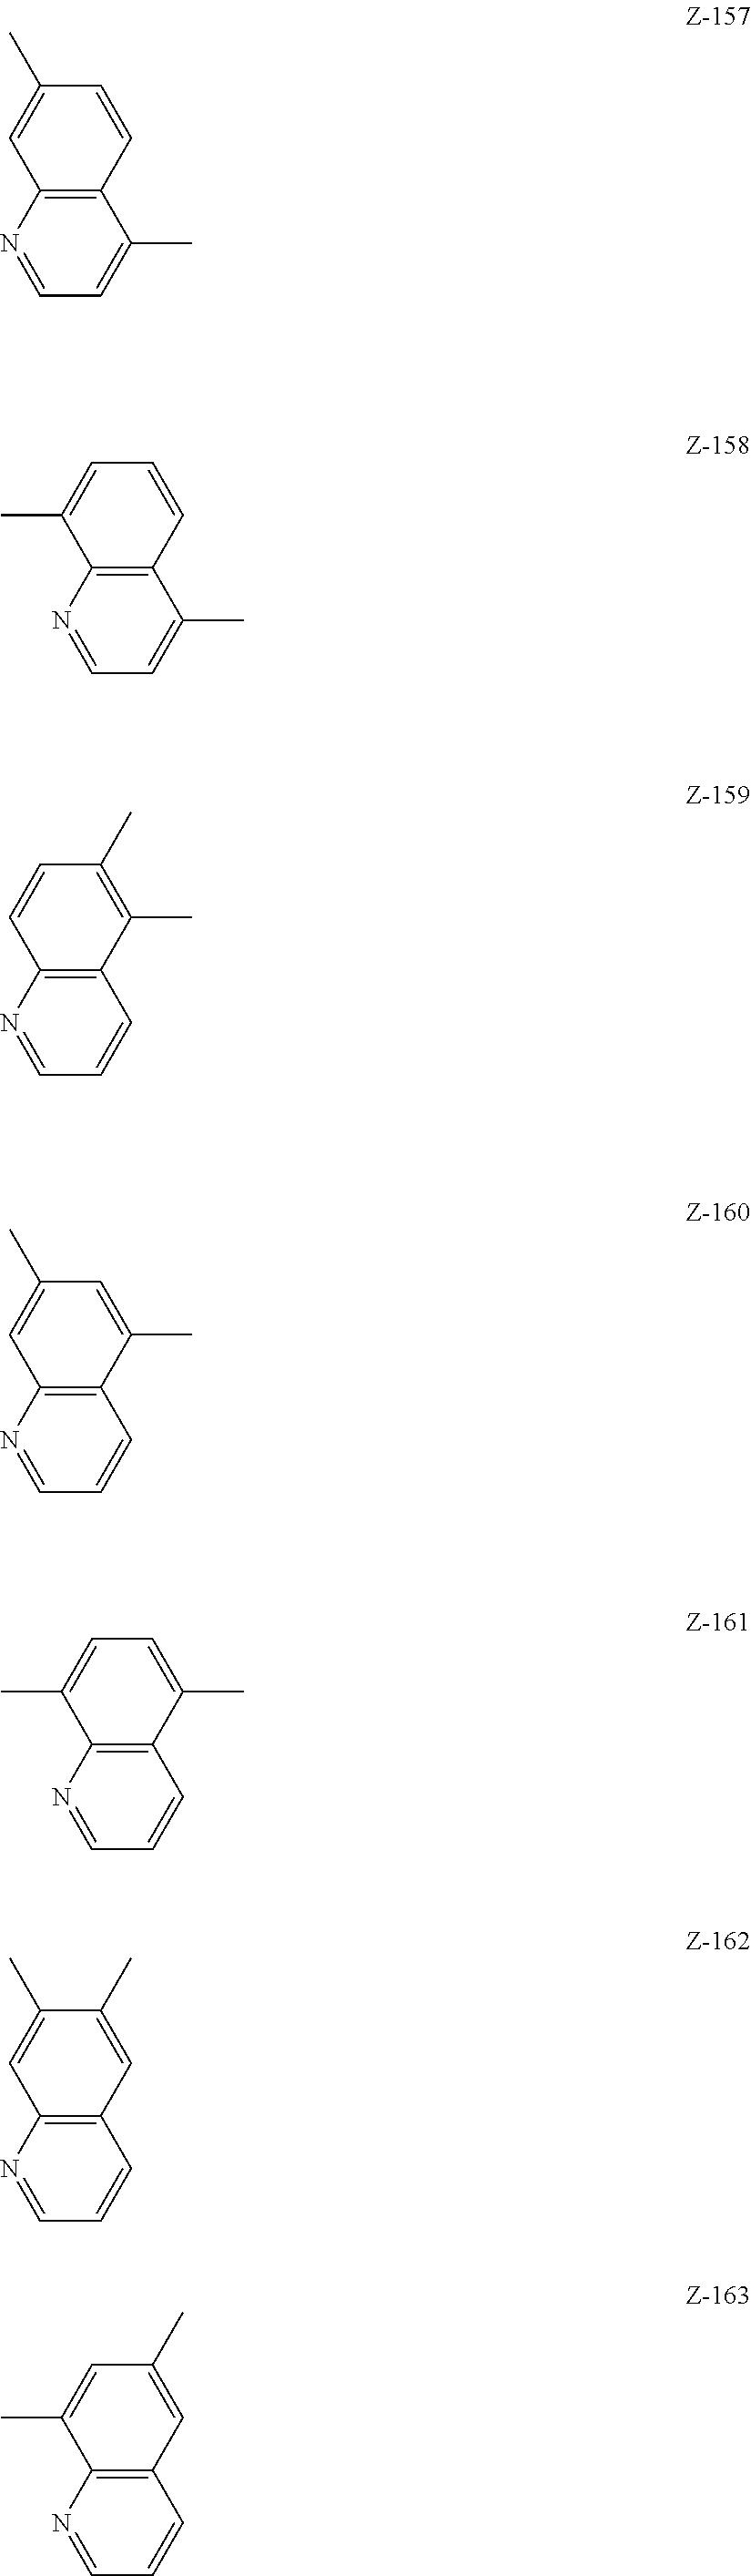 Figure US20110215312A1-20110908-C00049